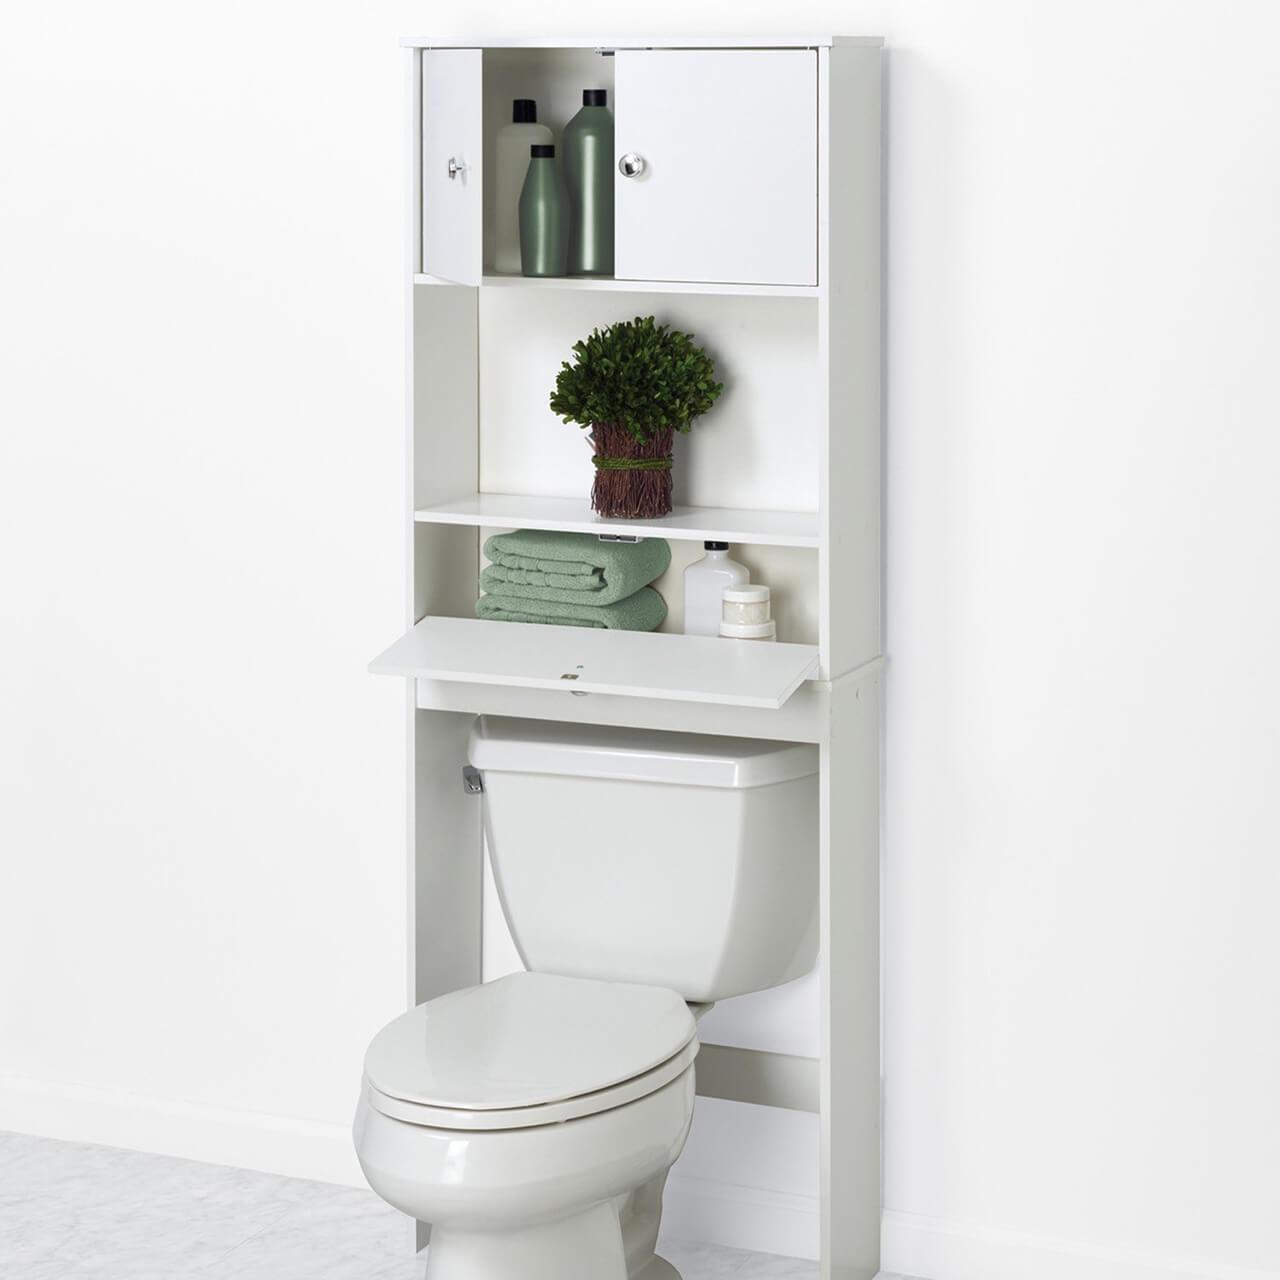 Zenna Home Économiseur d'espace de salle de bain avec porte coulissante